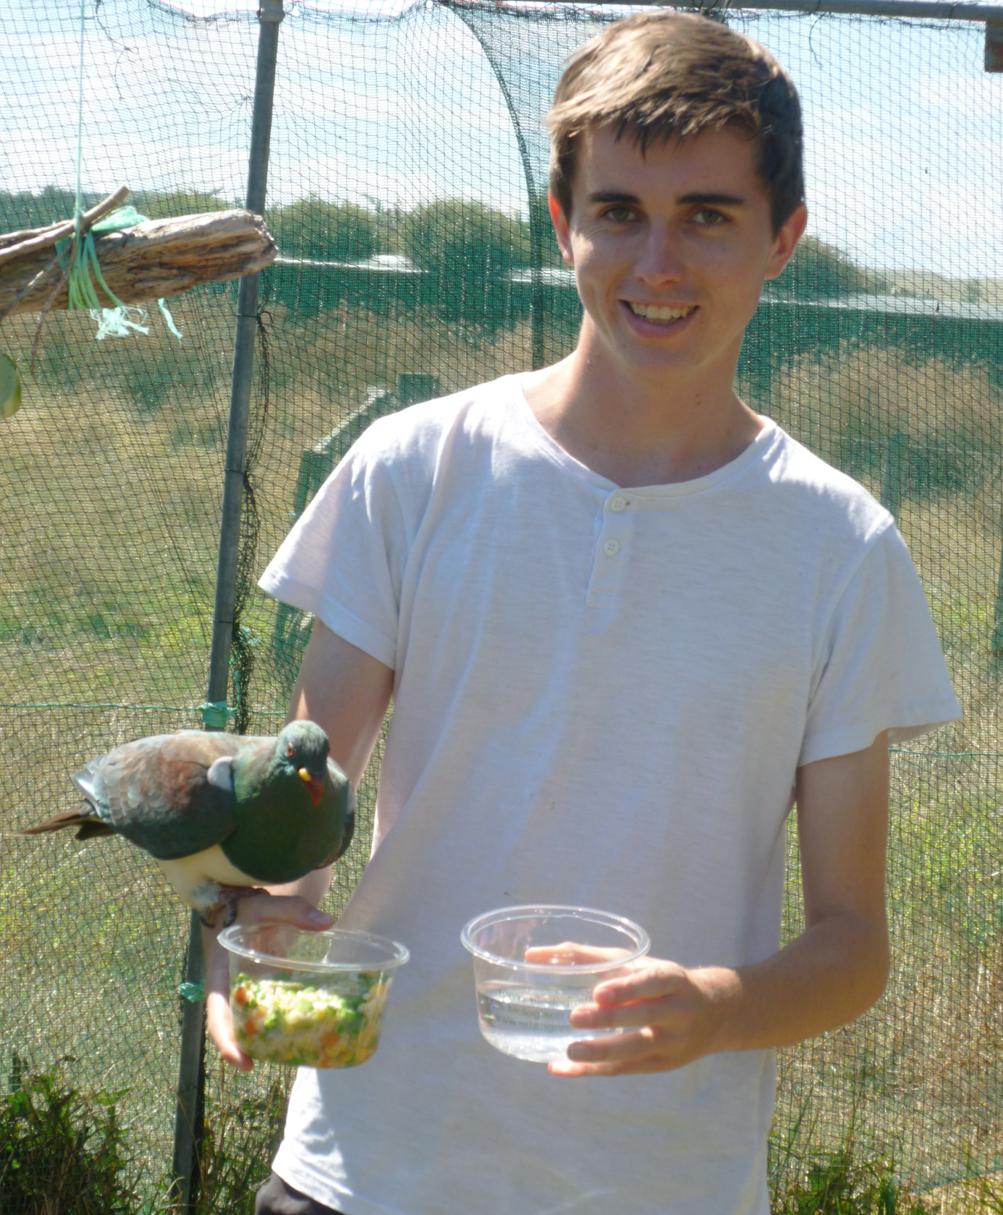 Kyle feeding a kereru